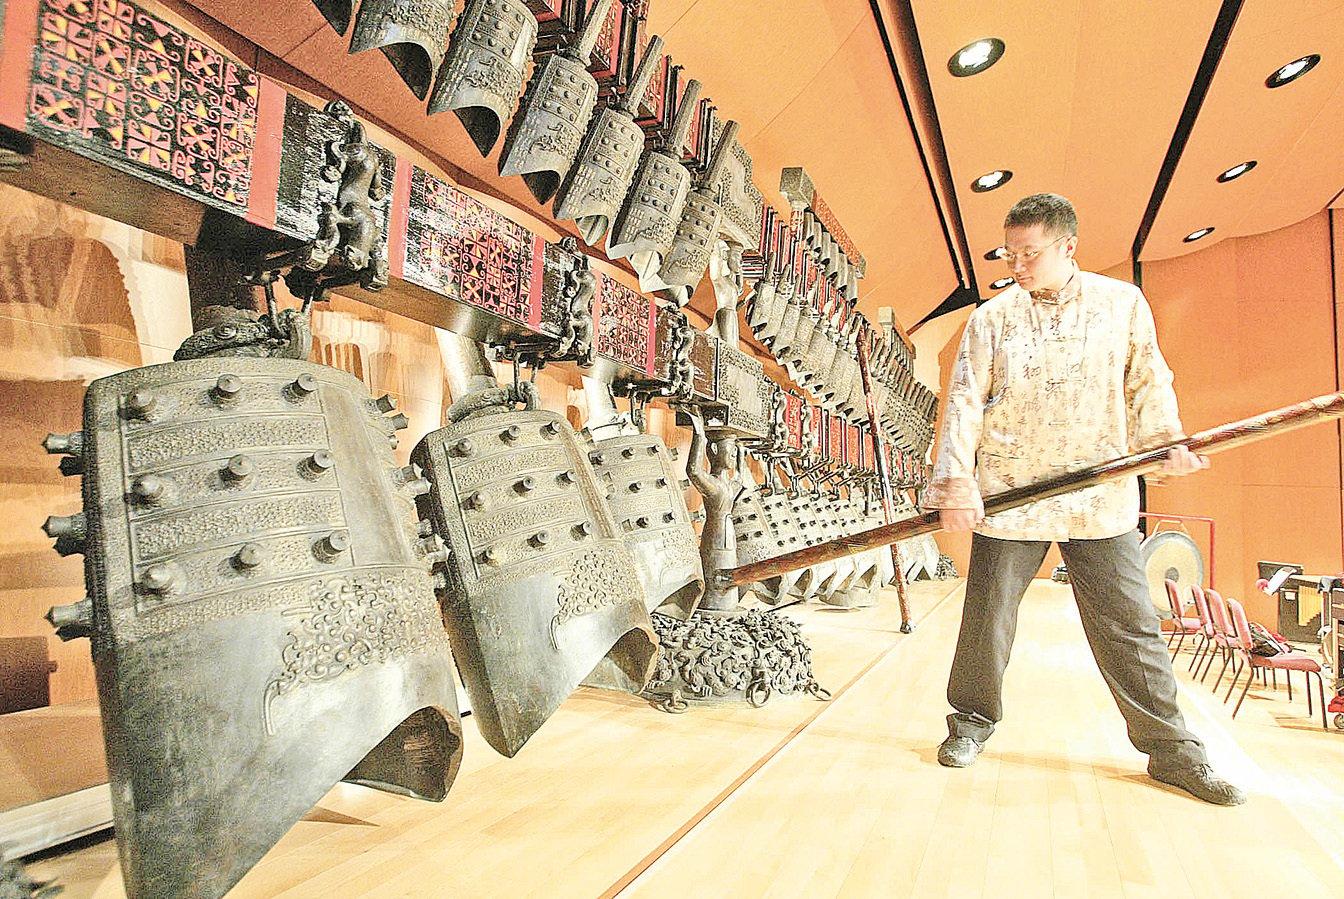 台灣宜蘭傳統藝術中心鎮館之寶,全世界僅有三套的「曾侯乙編鐘」。(中央社)